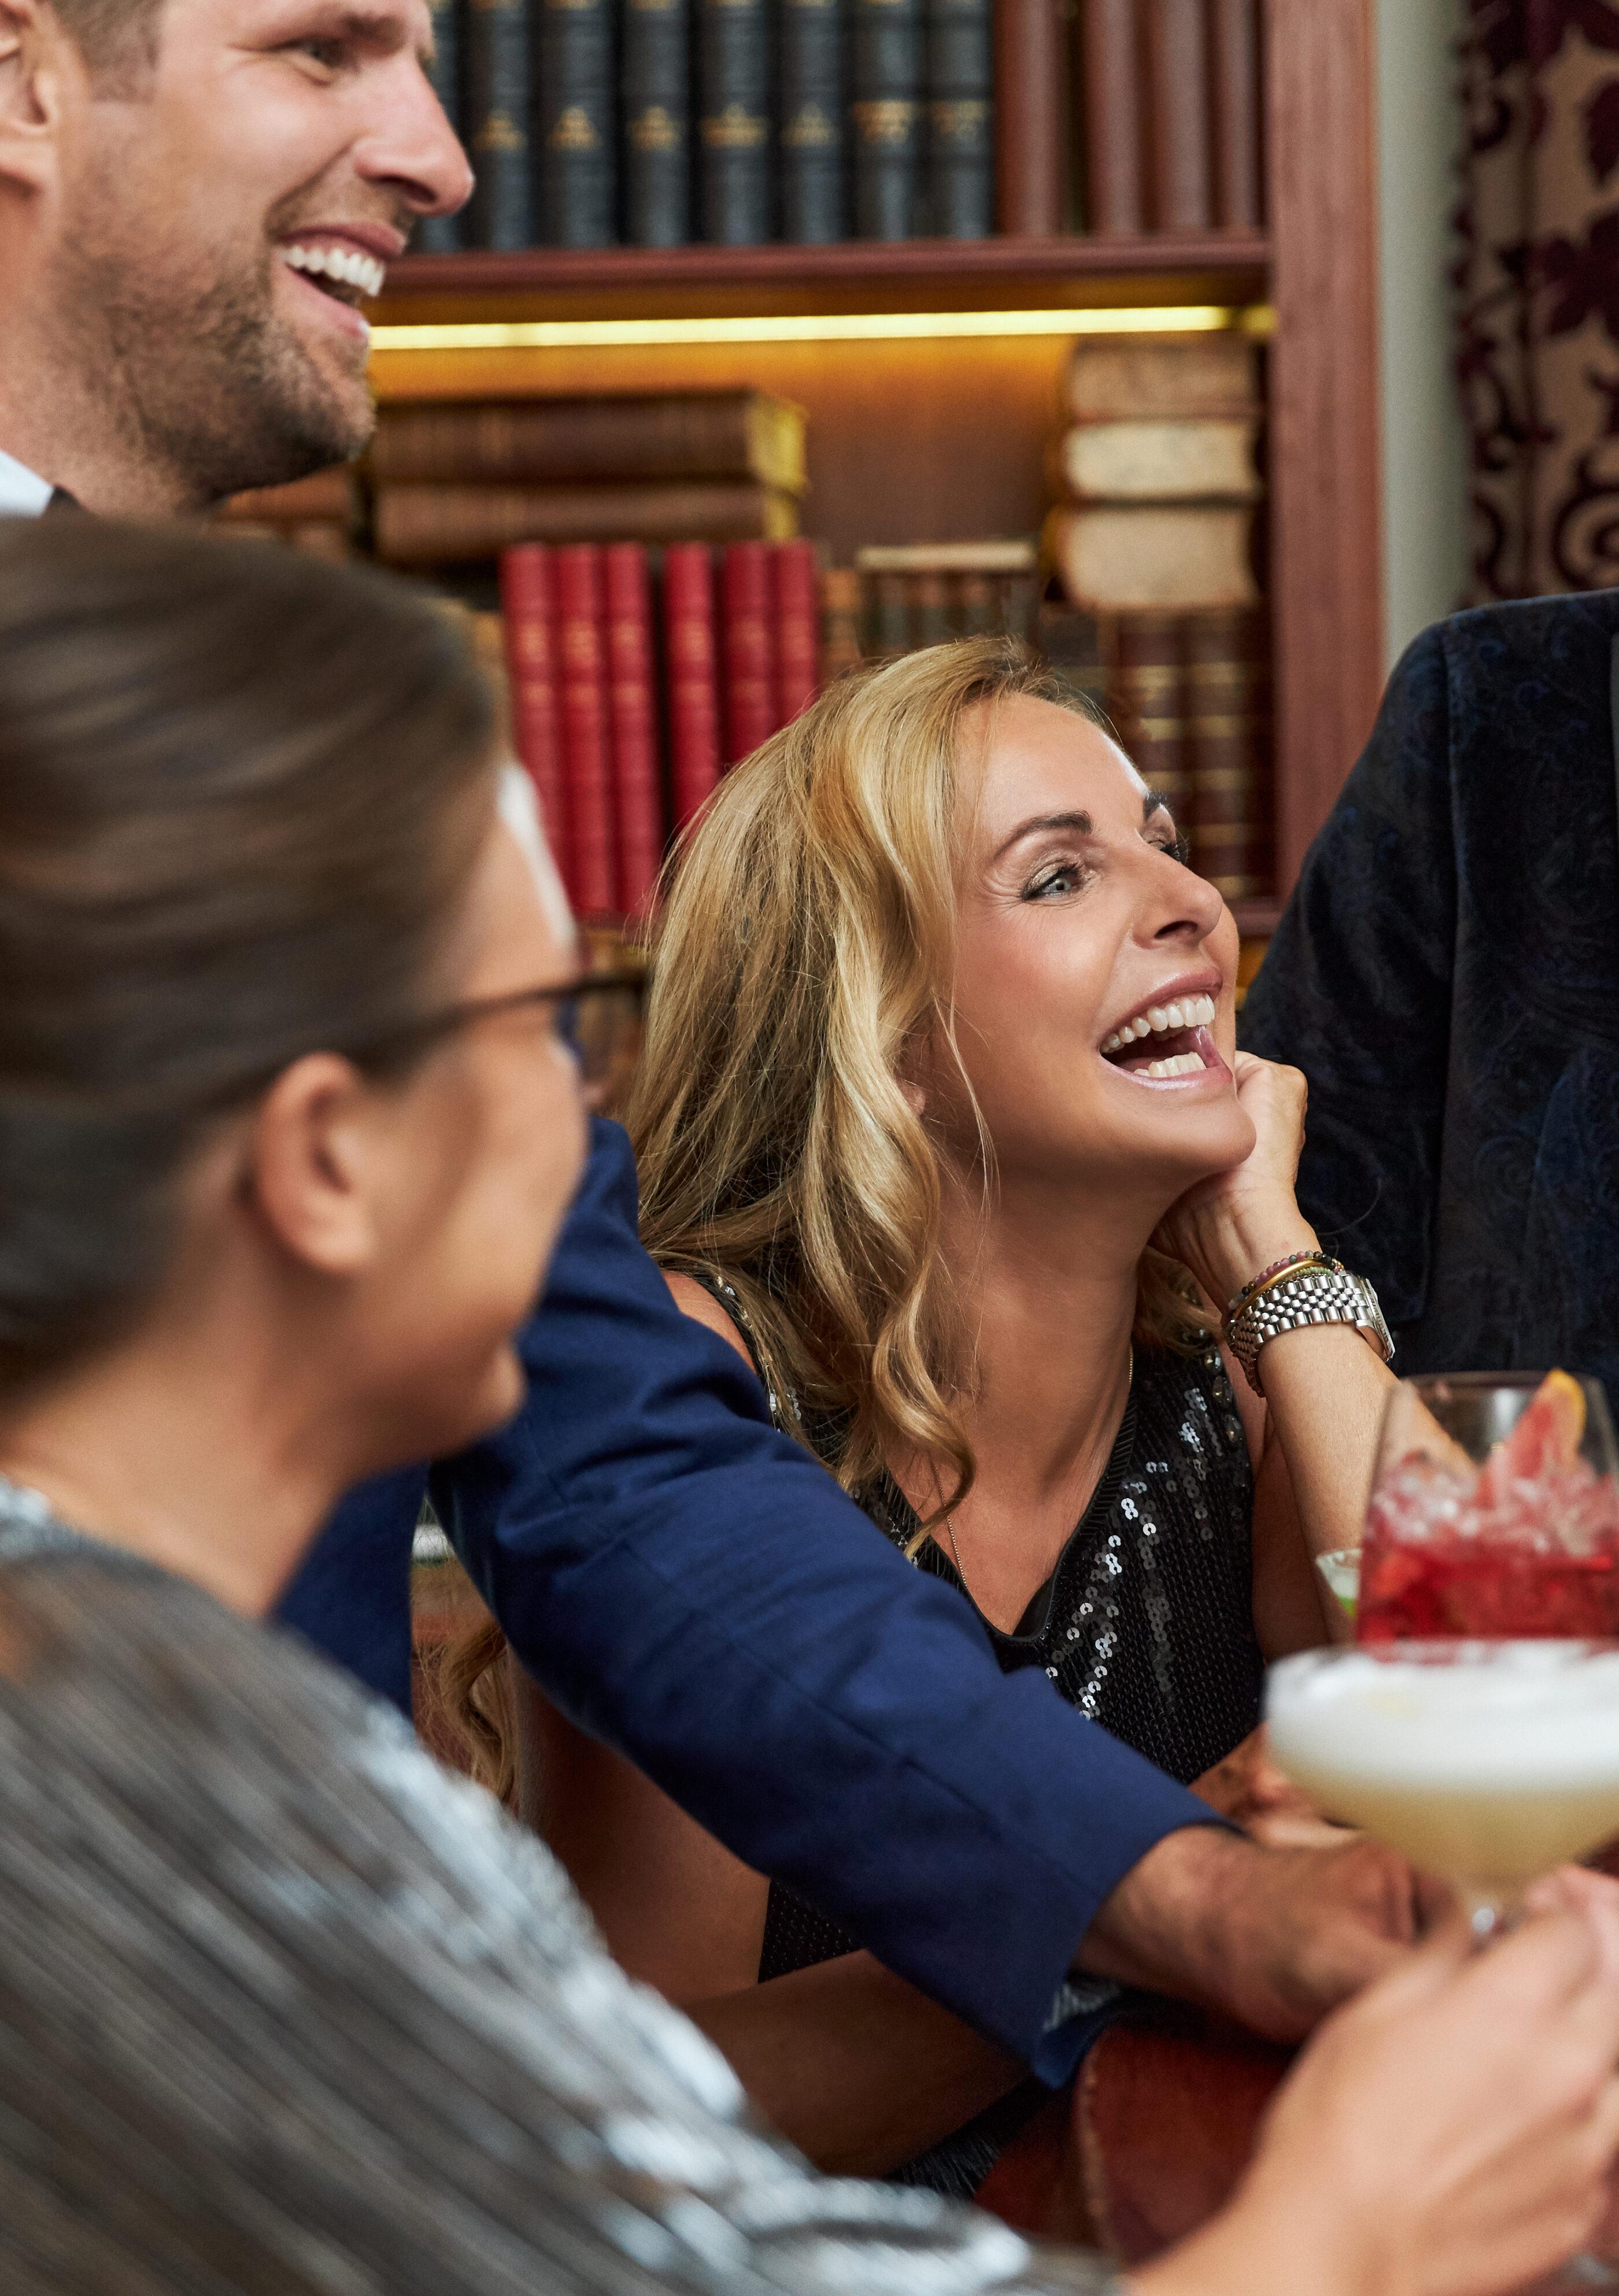 Nogle mænd og kvinder sidder ved baren med cocktail drinks og griner af noget sjovt